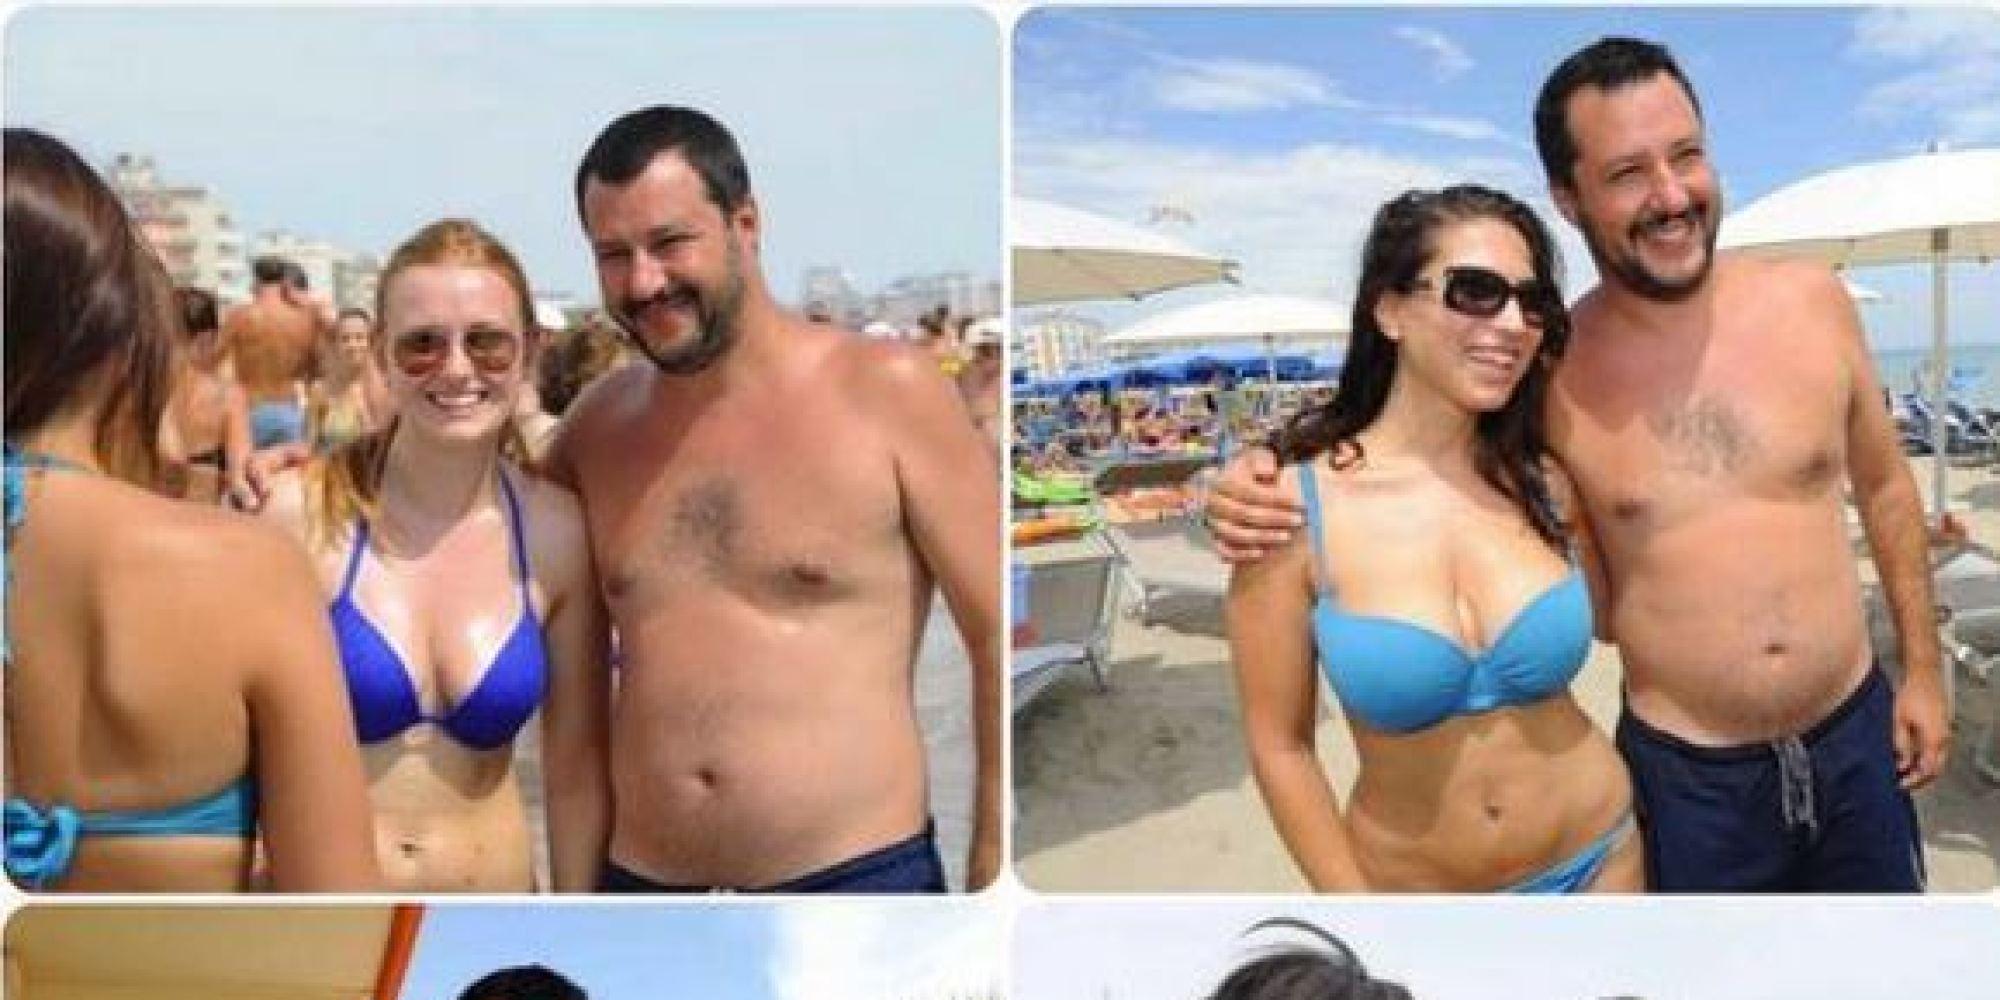 Matteo Salvini a Milano Marittima festa in spiaggia: le foto che non ti aspetti, il web impazzisce